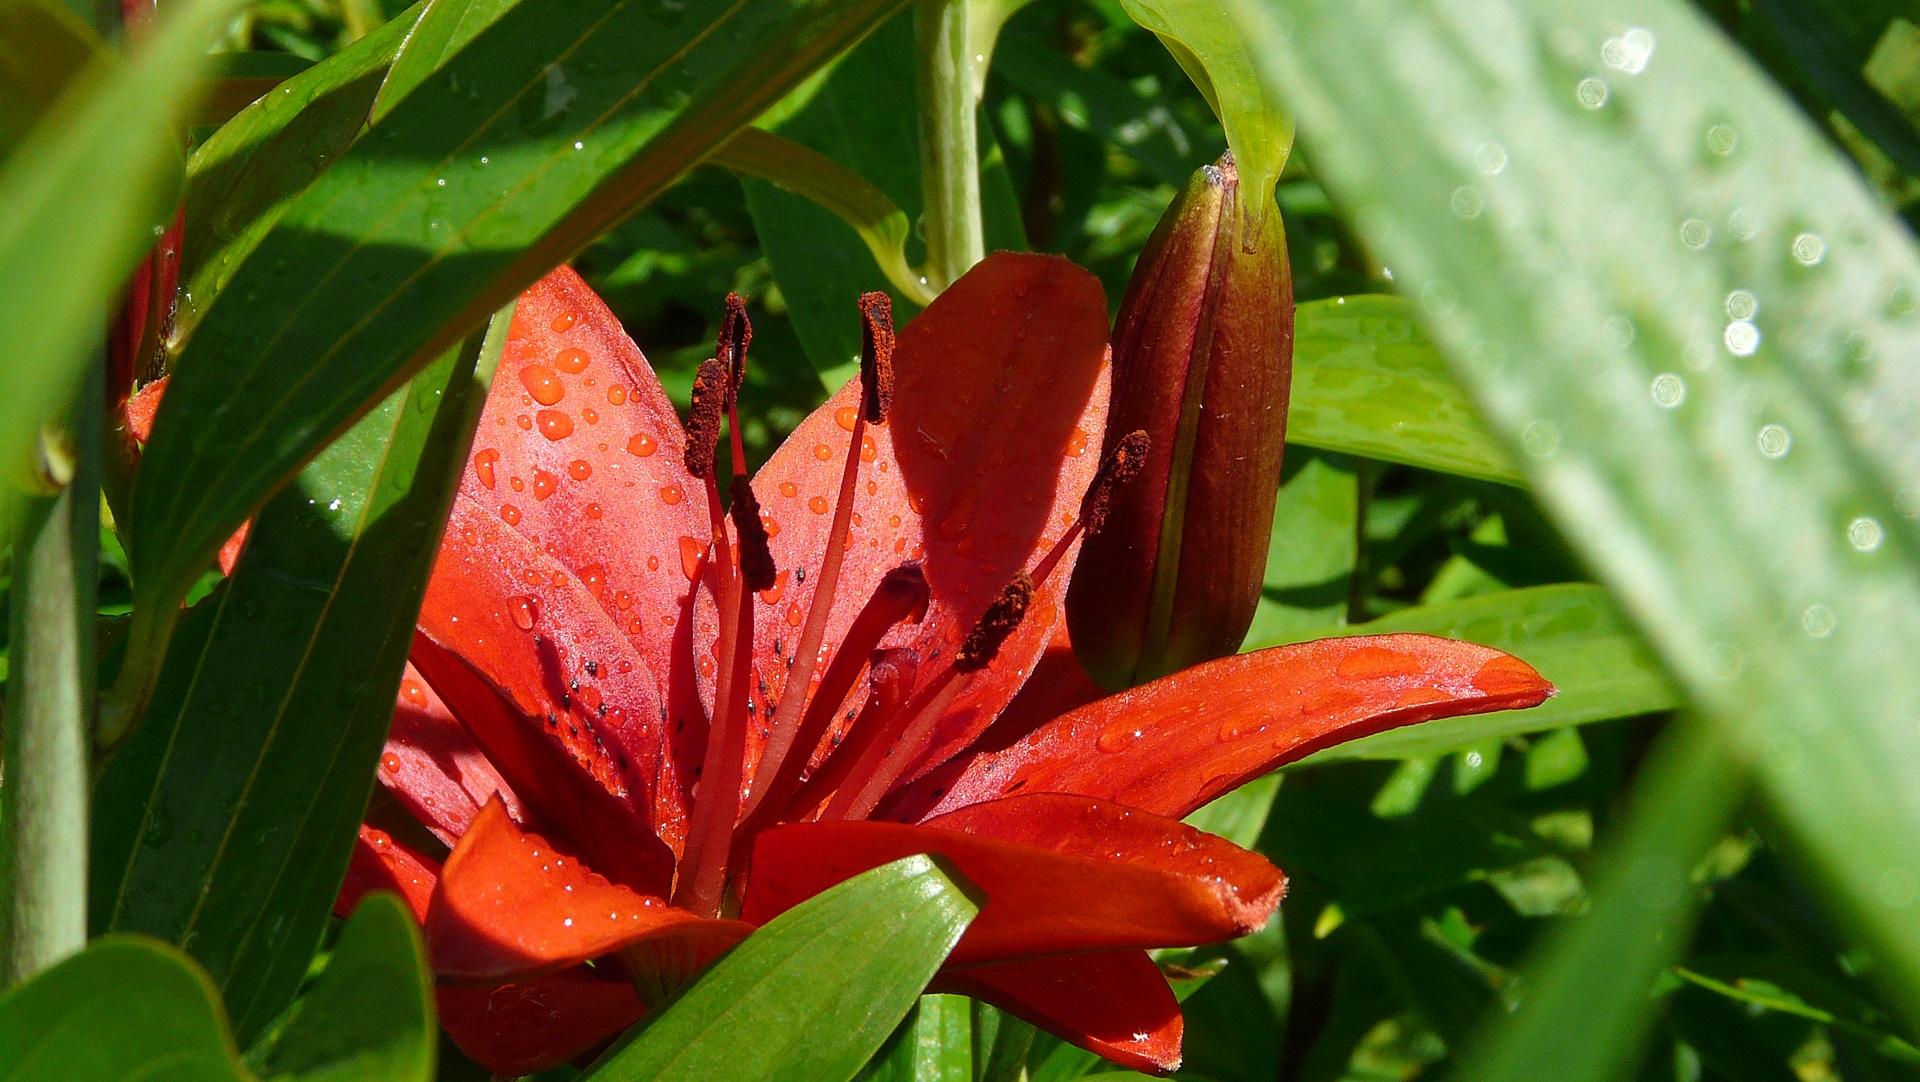 Fotoğraf Doğa çimen Yaprak Taçyaprağı Yeşil Kırmızı Botanik